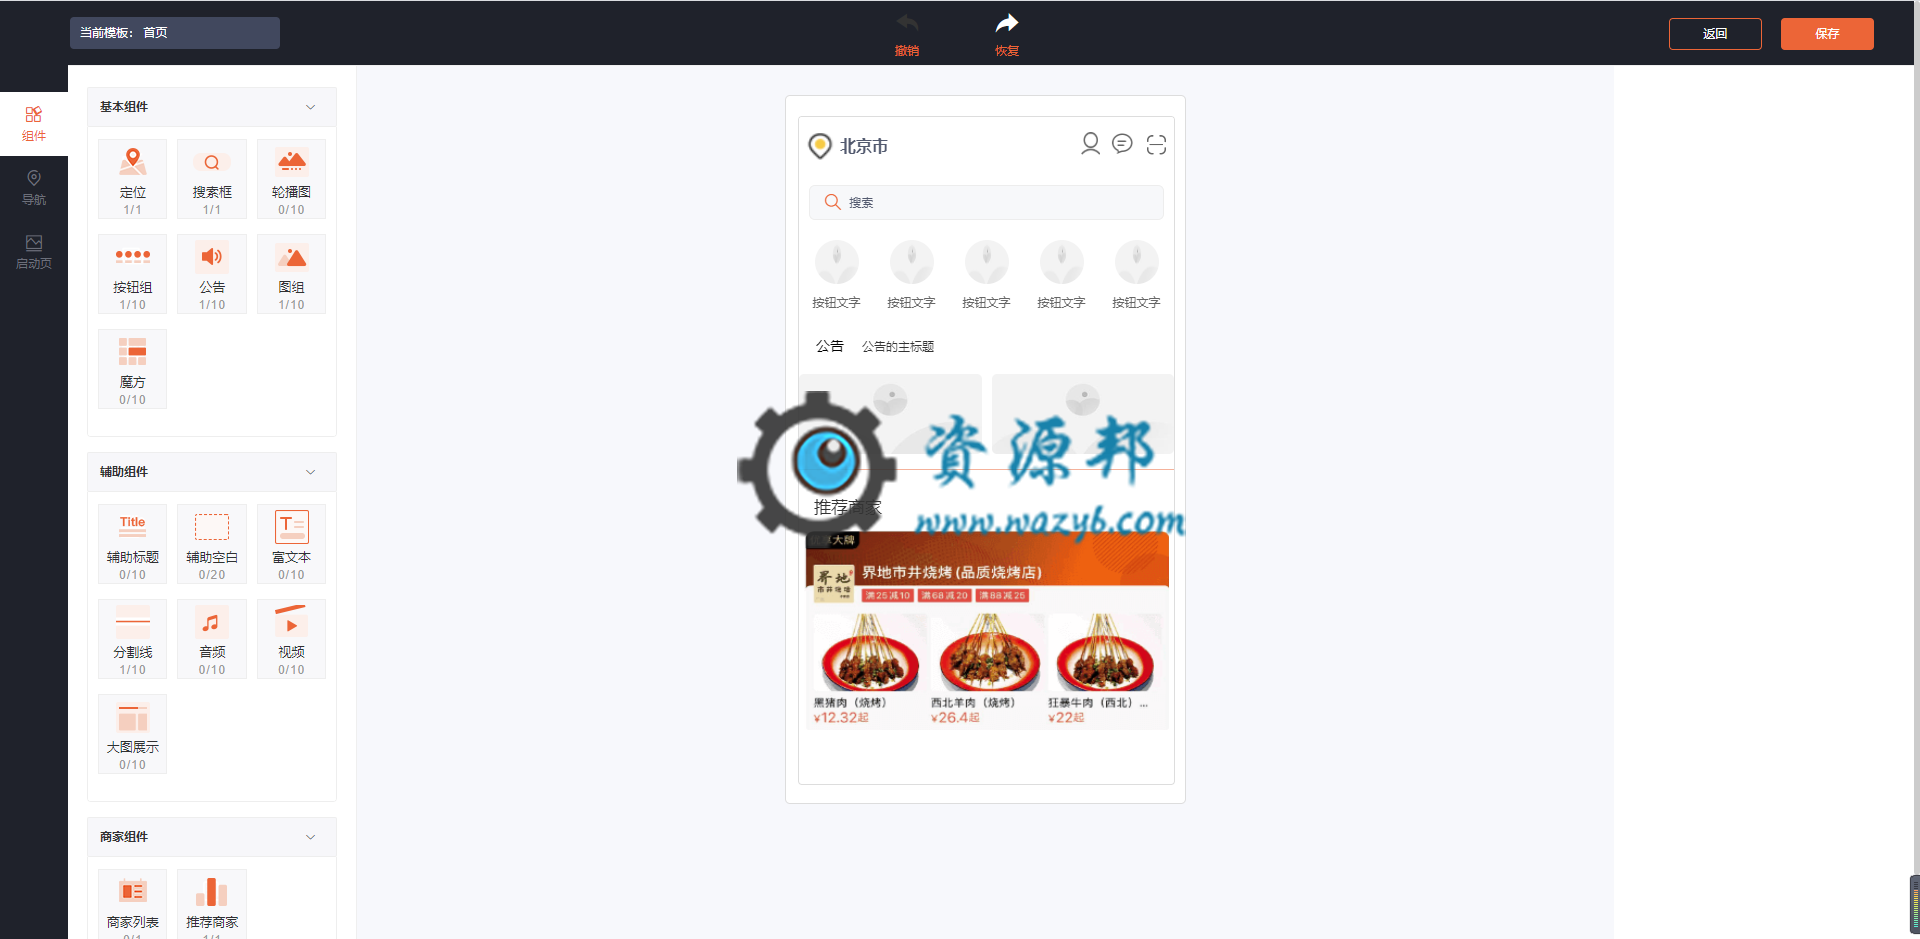 【微信小程序】云贝餐饮外卖O2O小程序V1.6.9完整源码+小程序前端,修复堂食、快餐库存问题 公众号应用 第5张